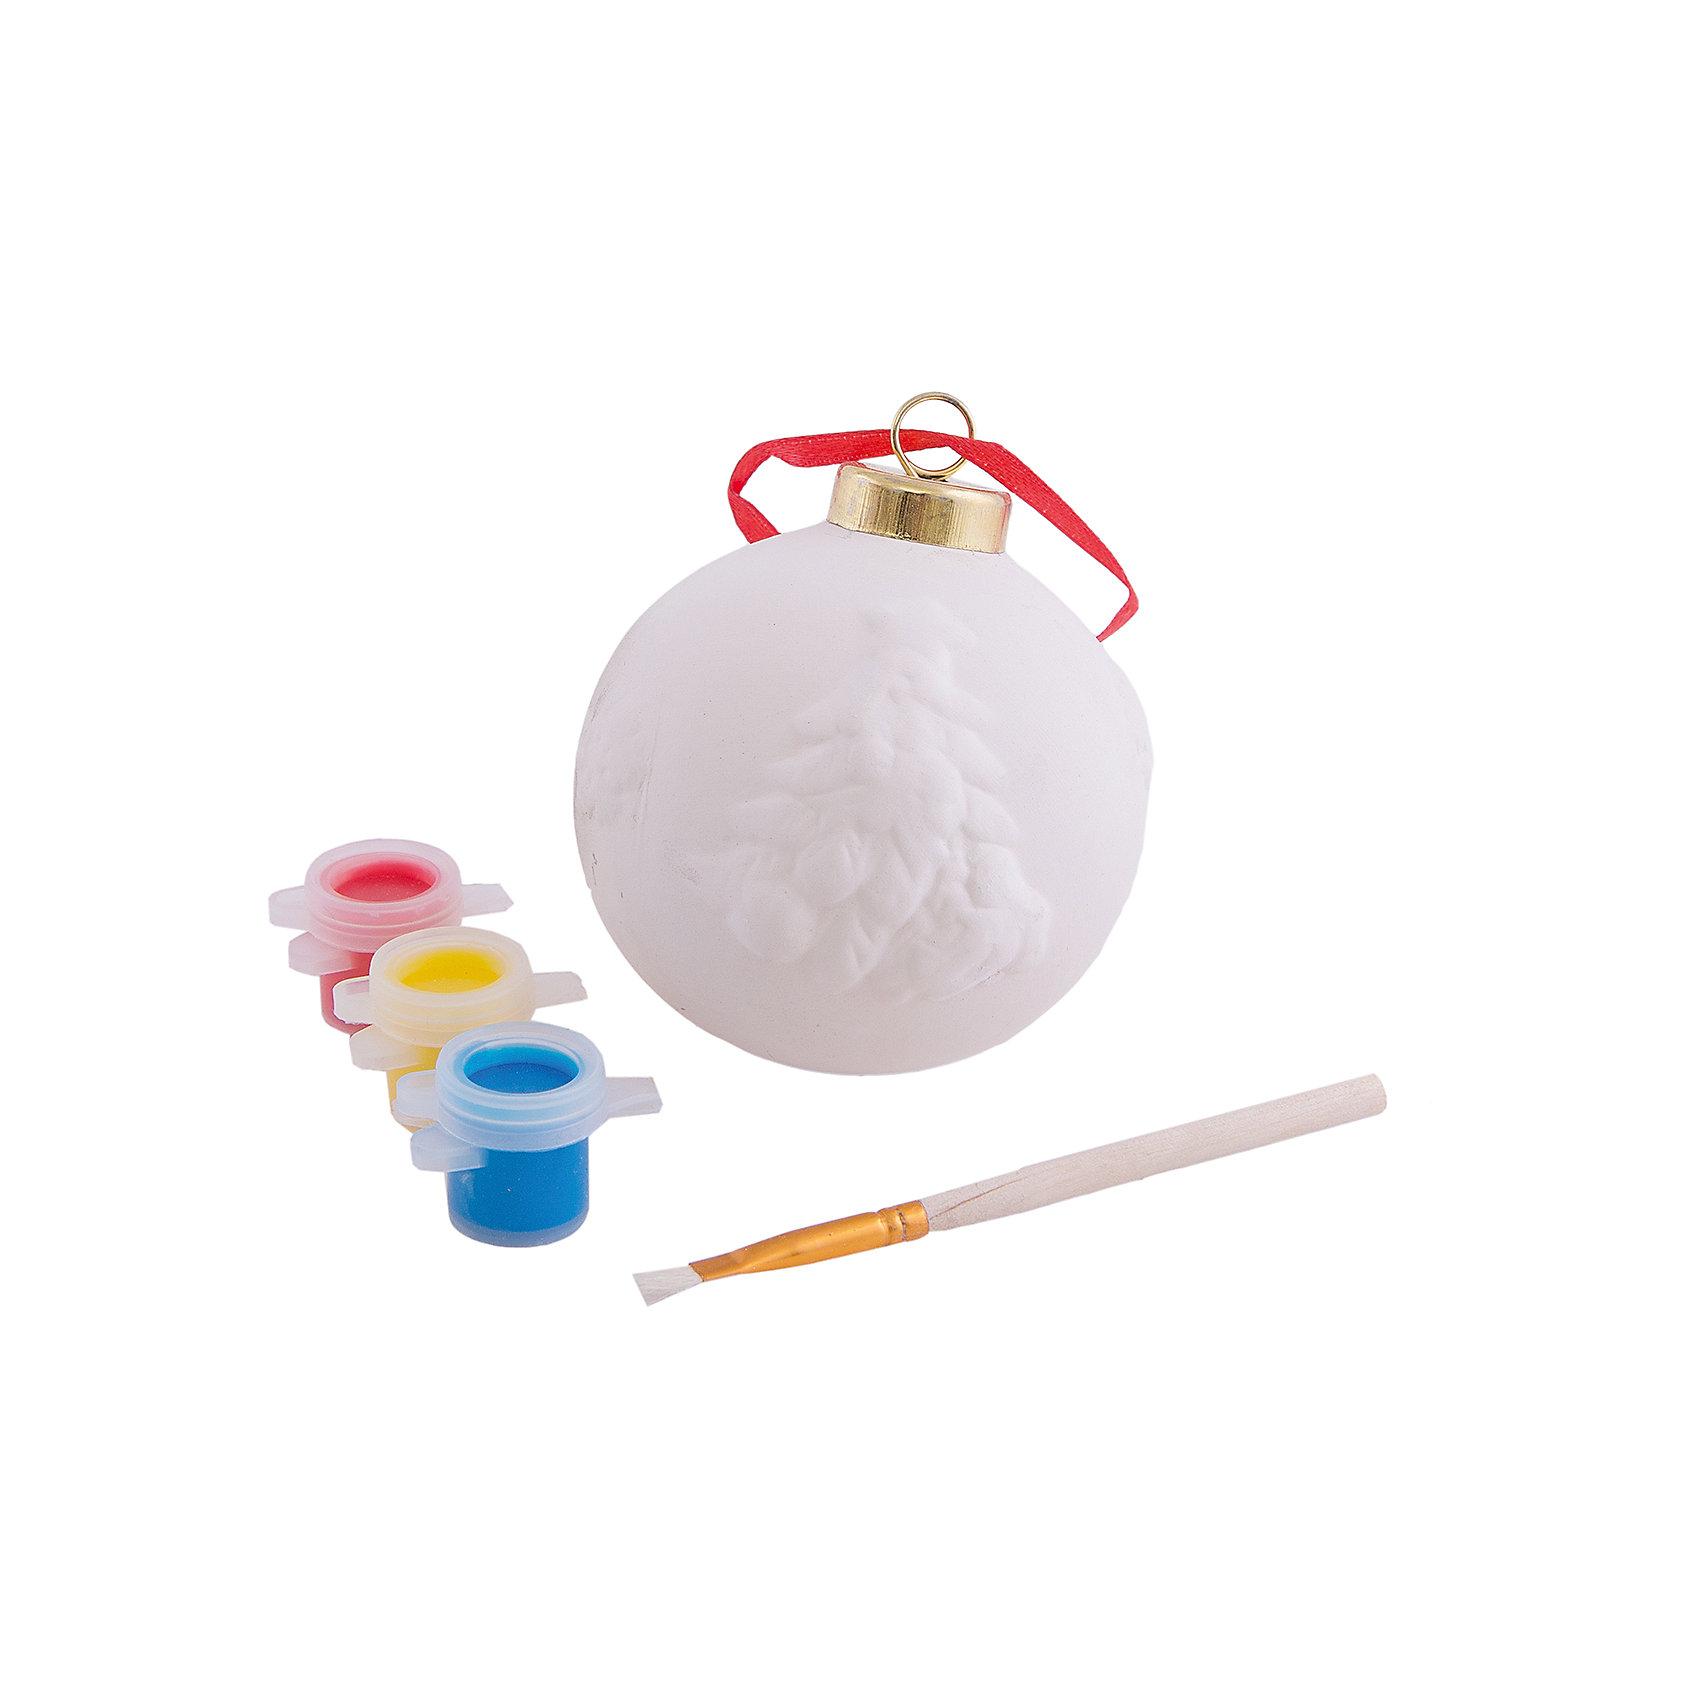 Набор для раскрашивания (керамика, 1 украшение)Набор для раскрашивания, Феникс-Презент, станет замечательным новогодним подарком для Вашего ребенка. В комплект входят керамическое украшение, которое предлагается раскрасить, 3 акварельные краски и кисточка. Итогом работы станет симпатичный елочный шар, украшенный рельефным изображением елки, имеется петелька за которую его можно повесить на елке. Упаковка - блистер.<br> <br><br>Дополнительная информация:<br><br>- В комплекте: подвесное украшение из доломитовой глины, 3 акварельные краски (голубая, желтая, красная), кисть.<br>- Материал: керамика.<br>- Размер украшения: 7 х 7 х 8,5 см.<br>- Размер упаковки: 17,2 х 12 х 7 см.<br>- Вес: 110 гр. <br><br>Набор для раскрашивания (керамика, 1 украшение), Феникс-Презент, можно купить в нашем интернет-магазине.<br><br>Ширина мм: 200<br>Глубина мм: 150<br>Высота мм: 100<br>Вес г: 100<br>Возраст от месяцев: 36<br>Возраст до месяцев: 2147483647<br>Пол: Унисекс<br>Возраст: Детский<br>SKU: 4276485